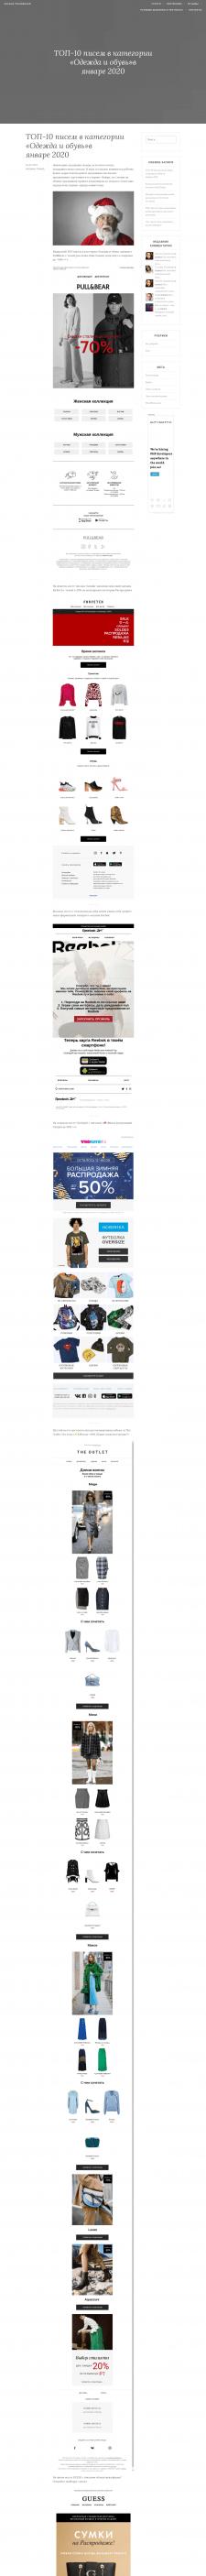 ТОП-10 писем в категории «Одежда и обувь»в январе